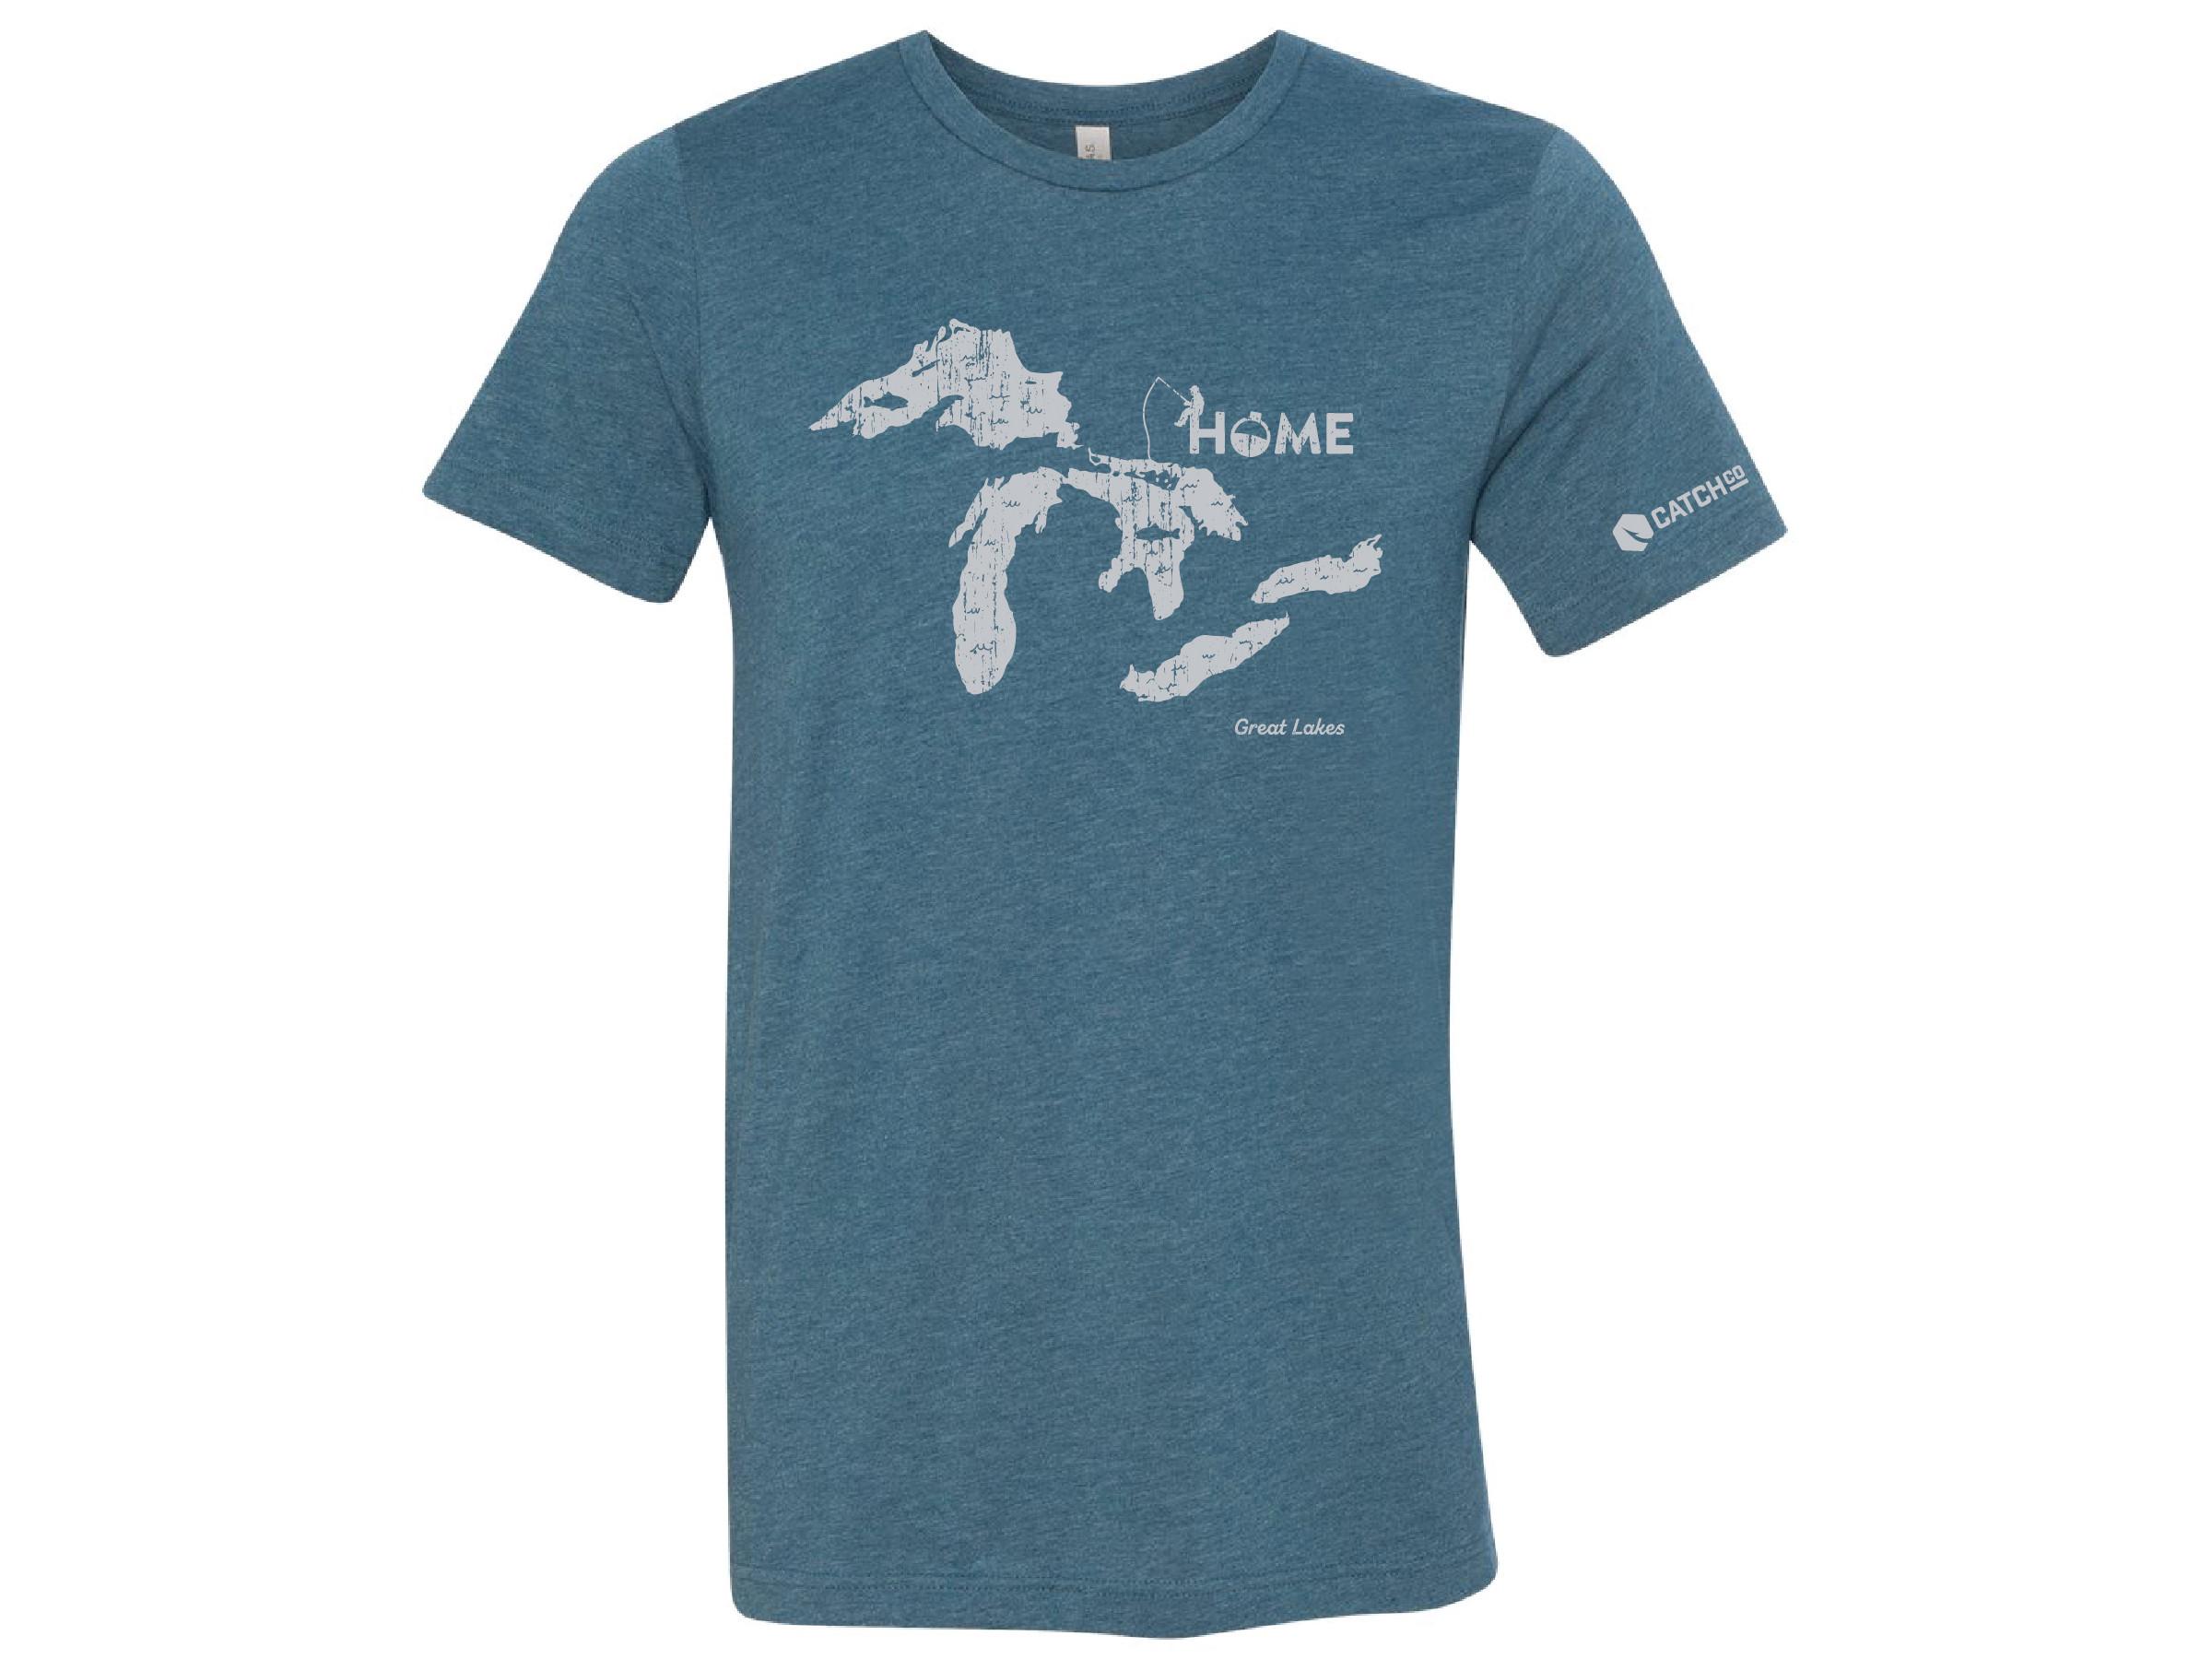 Home Lake T-Shirt - Great Lakes